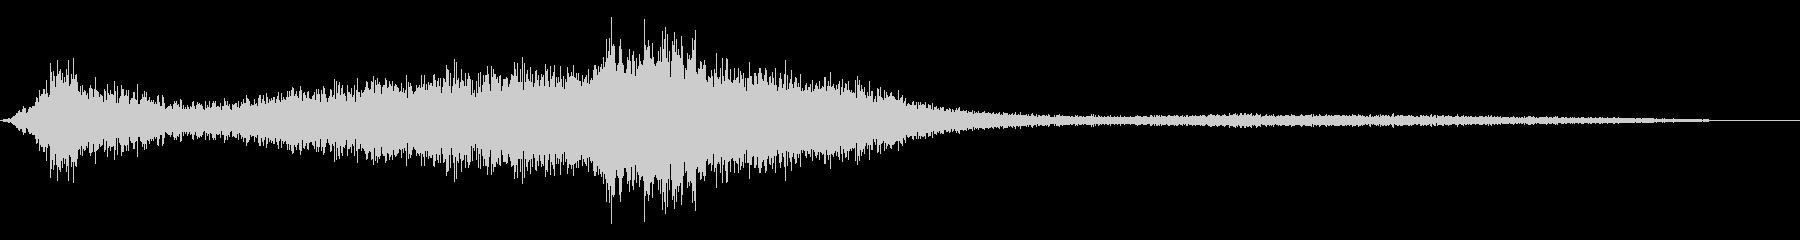 スペースドラゴン:スピットアンドヒ...の未再生の波形